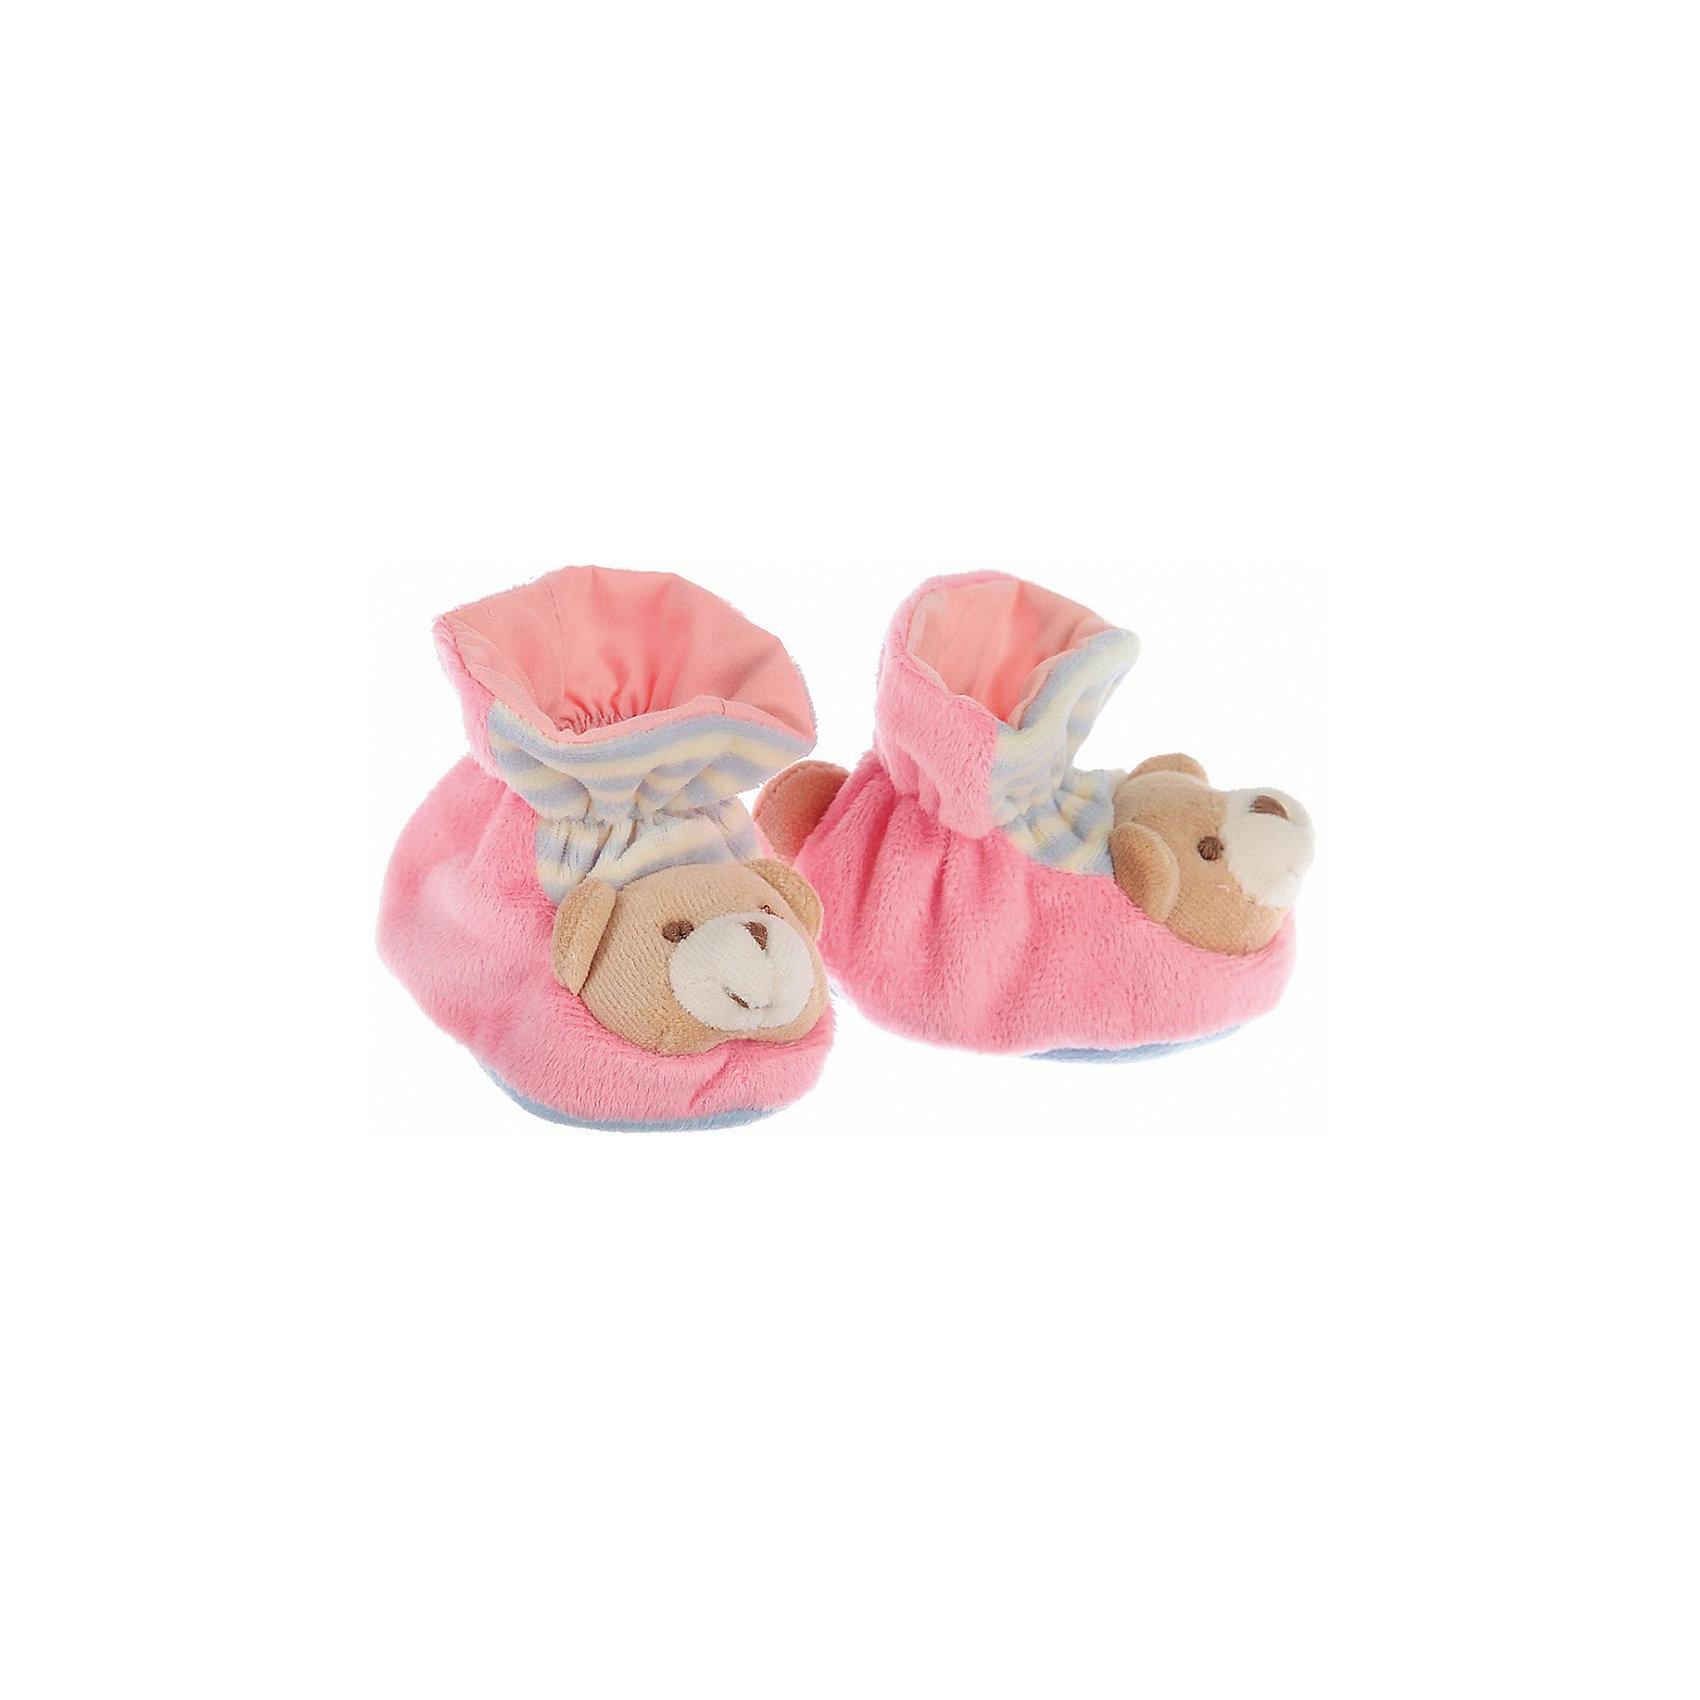 Пинетки с аппликацией Мишка, Baby Nice, розовыйПинетки и царапки<br>Одежда, обувь и аксессуары для детей должны быть качественными и безопасными. Эти пинетки обеспечат ножкам малыша комфорт и тепло. Они украшены симпатичной мордочкой животного.<br>Пинетки сшиты из натуральной дышащей хлопчатобумажной ткани, приятной на ощупь. Она не вызывает аллергии, что особенно важно для малышей. Также материал обеспечит хорошую терморегуляцию. Ткань очень мягкая и теплая. Пинетки сделаны из высококачественных материалов, безопасных для ребенка.<br><br>Дополнительная информация:<br><br>цвет: розовый;<br>материал: 100% хлопок;<br>аппликация.<br><br>Пинетки с аппликацией Мишка от компании Baby Nice можно купить в нашем магазине.<br><br>Ширина мм: 100<br>Глубина мм: 60<br>Высота мм: 30<br>Вес г: 200<br>Возраст от месяцев: 0<br>Возраст до месяцев: 36<br>Пол: Женский<br>Возраст: Детский<br>SKU: 4941764